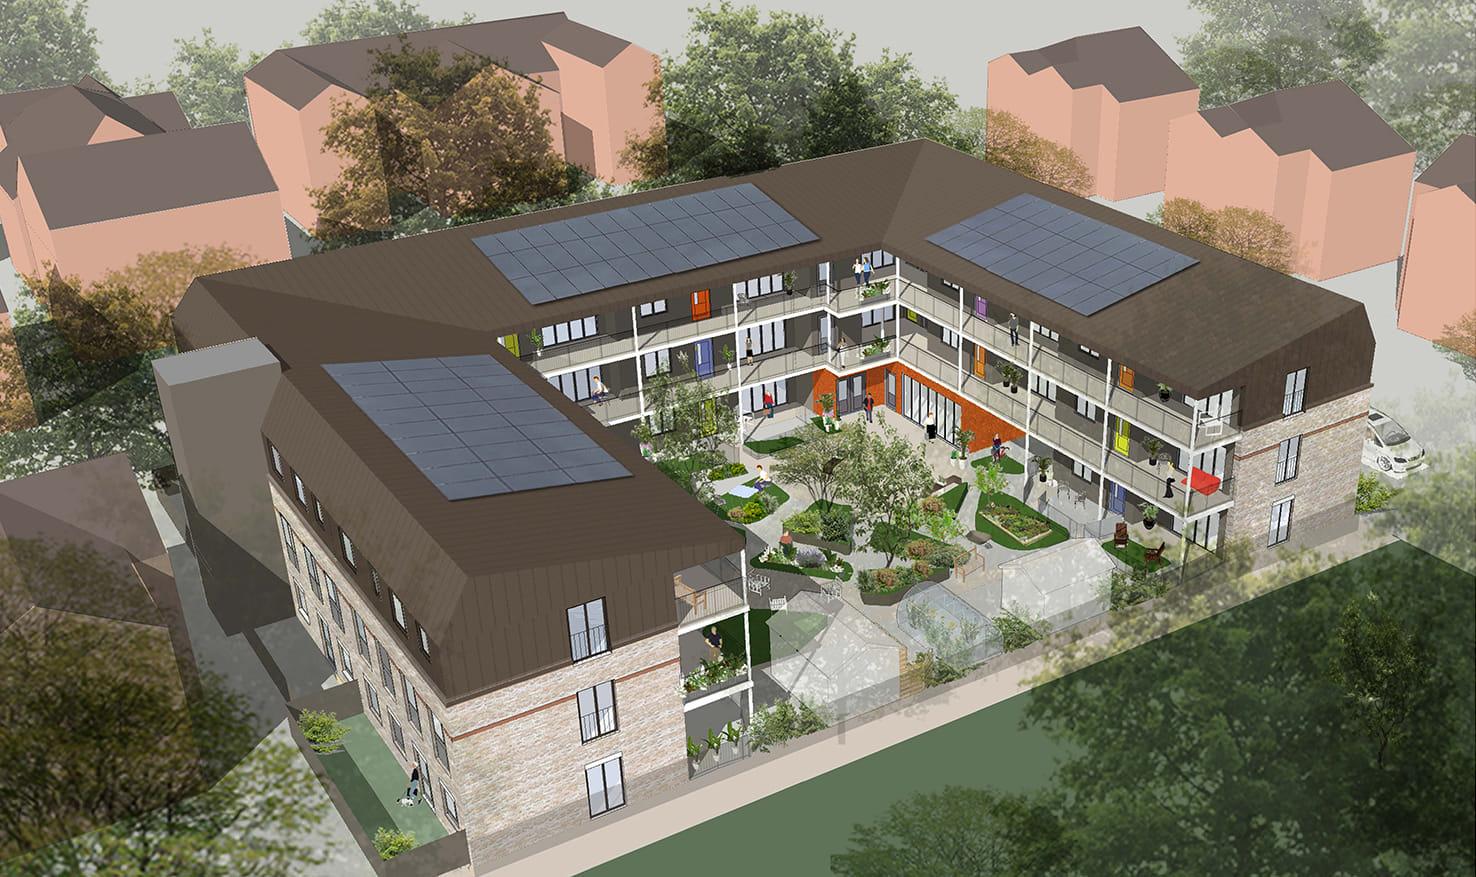 Chorlton Cohousing